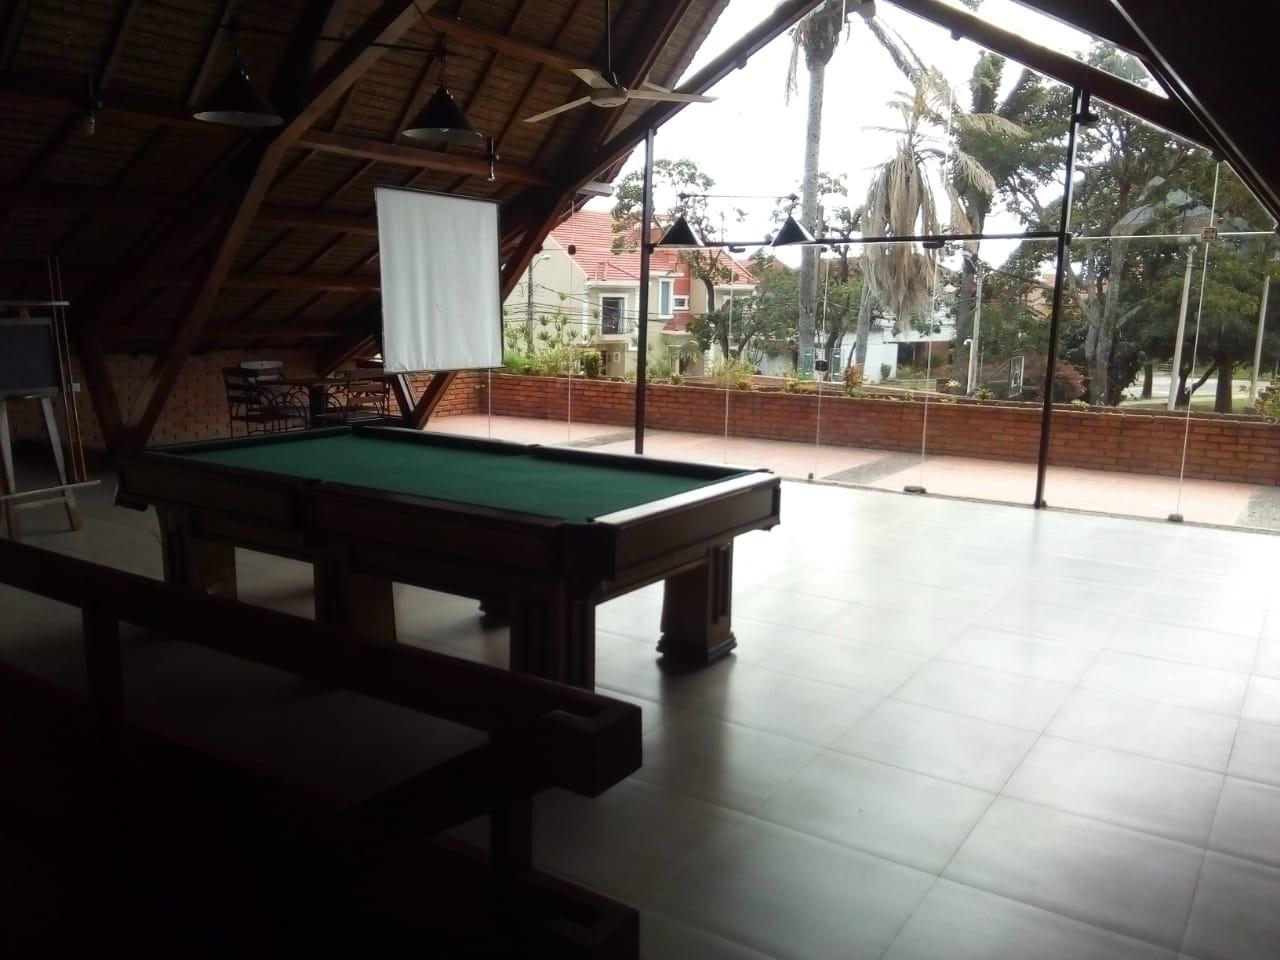 Casa en Alquiler Av. Banzer 4to anillo, Condominio Barrio Norte Foto 2